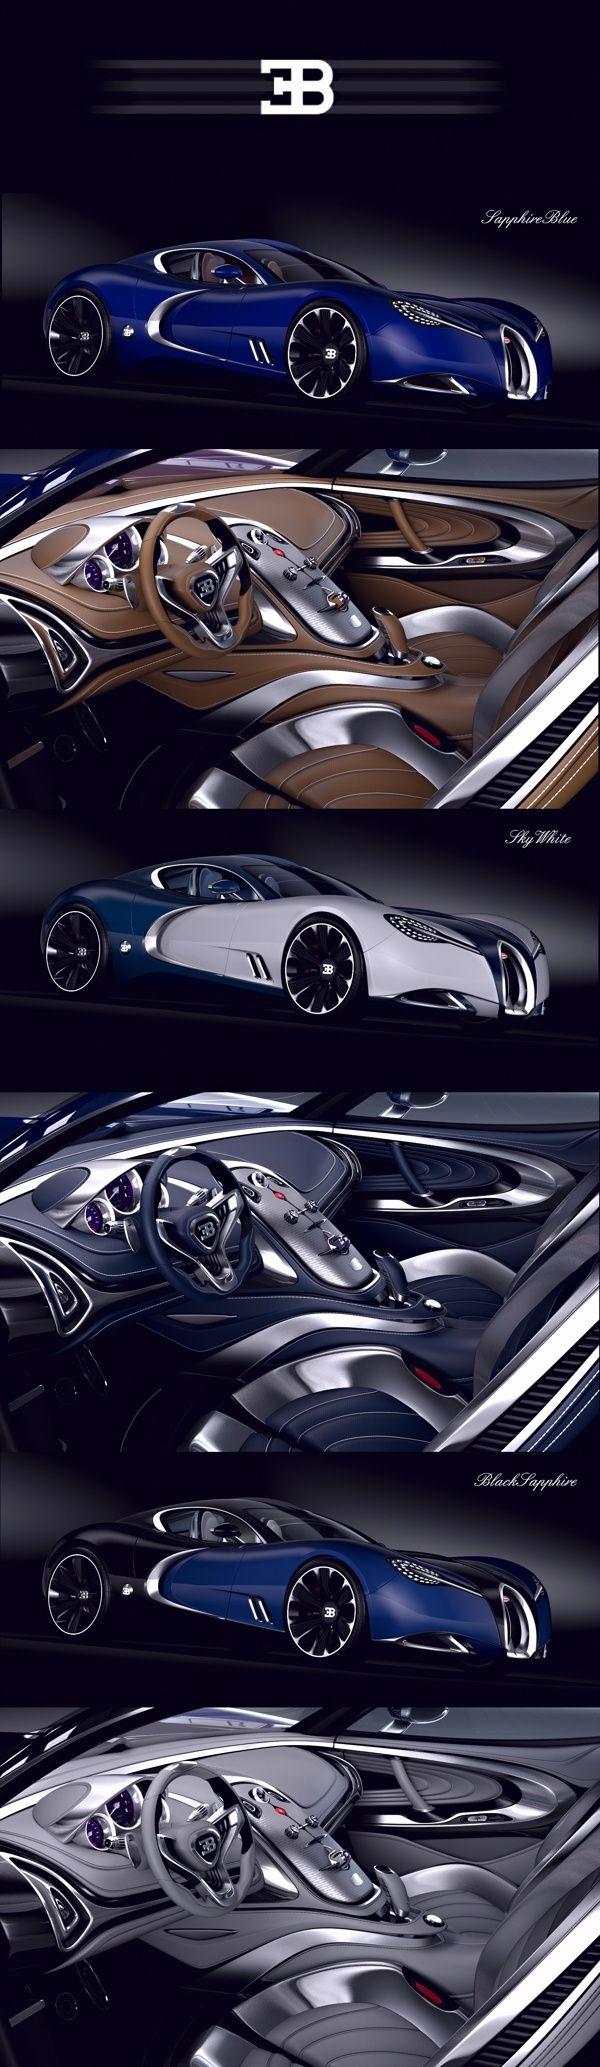 As 93 melhores imagens em bugatti no pinterest carros de luxo bela luxo carro novo meu carro automobilismo rodas carros esportivos conceito arte conceitual fandeluxe Choice Image